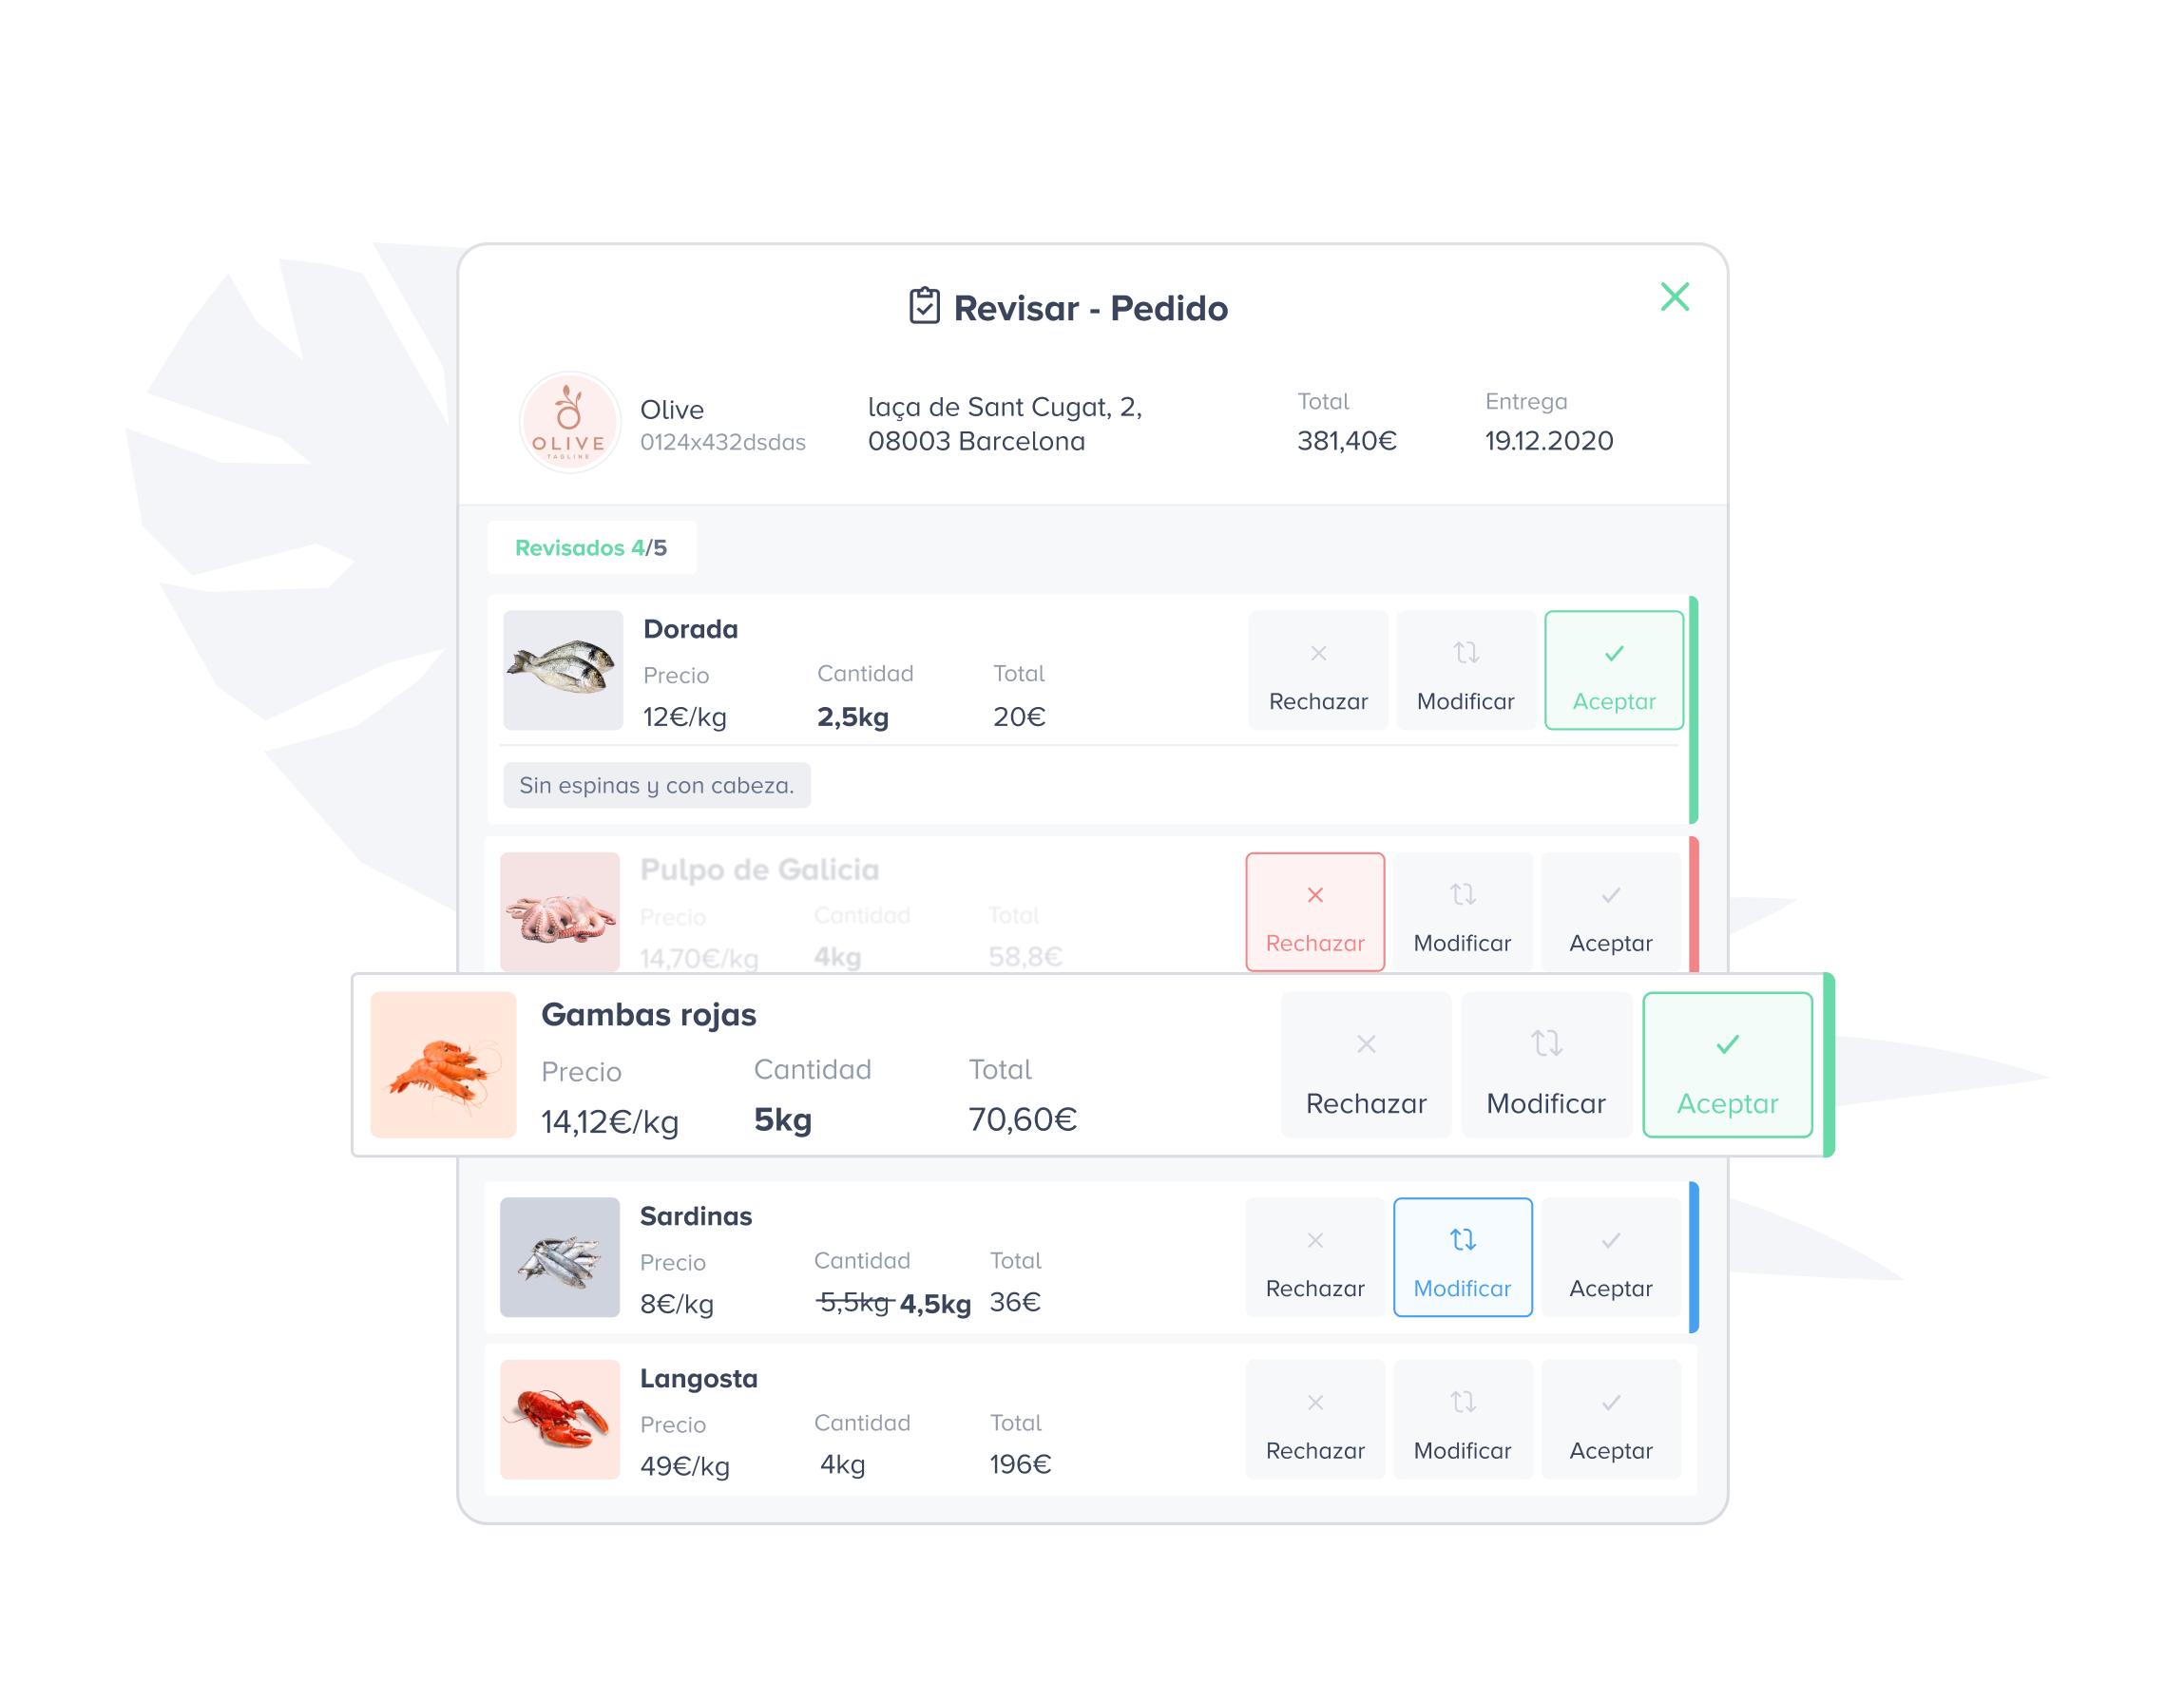 Interfaces de Dropbox para organizar archivos y carpetas, programar reuniones y agregar archivos de adjuntos.